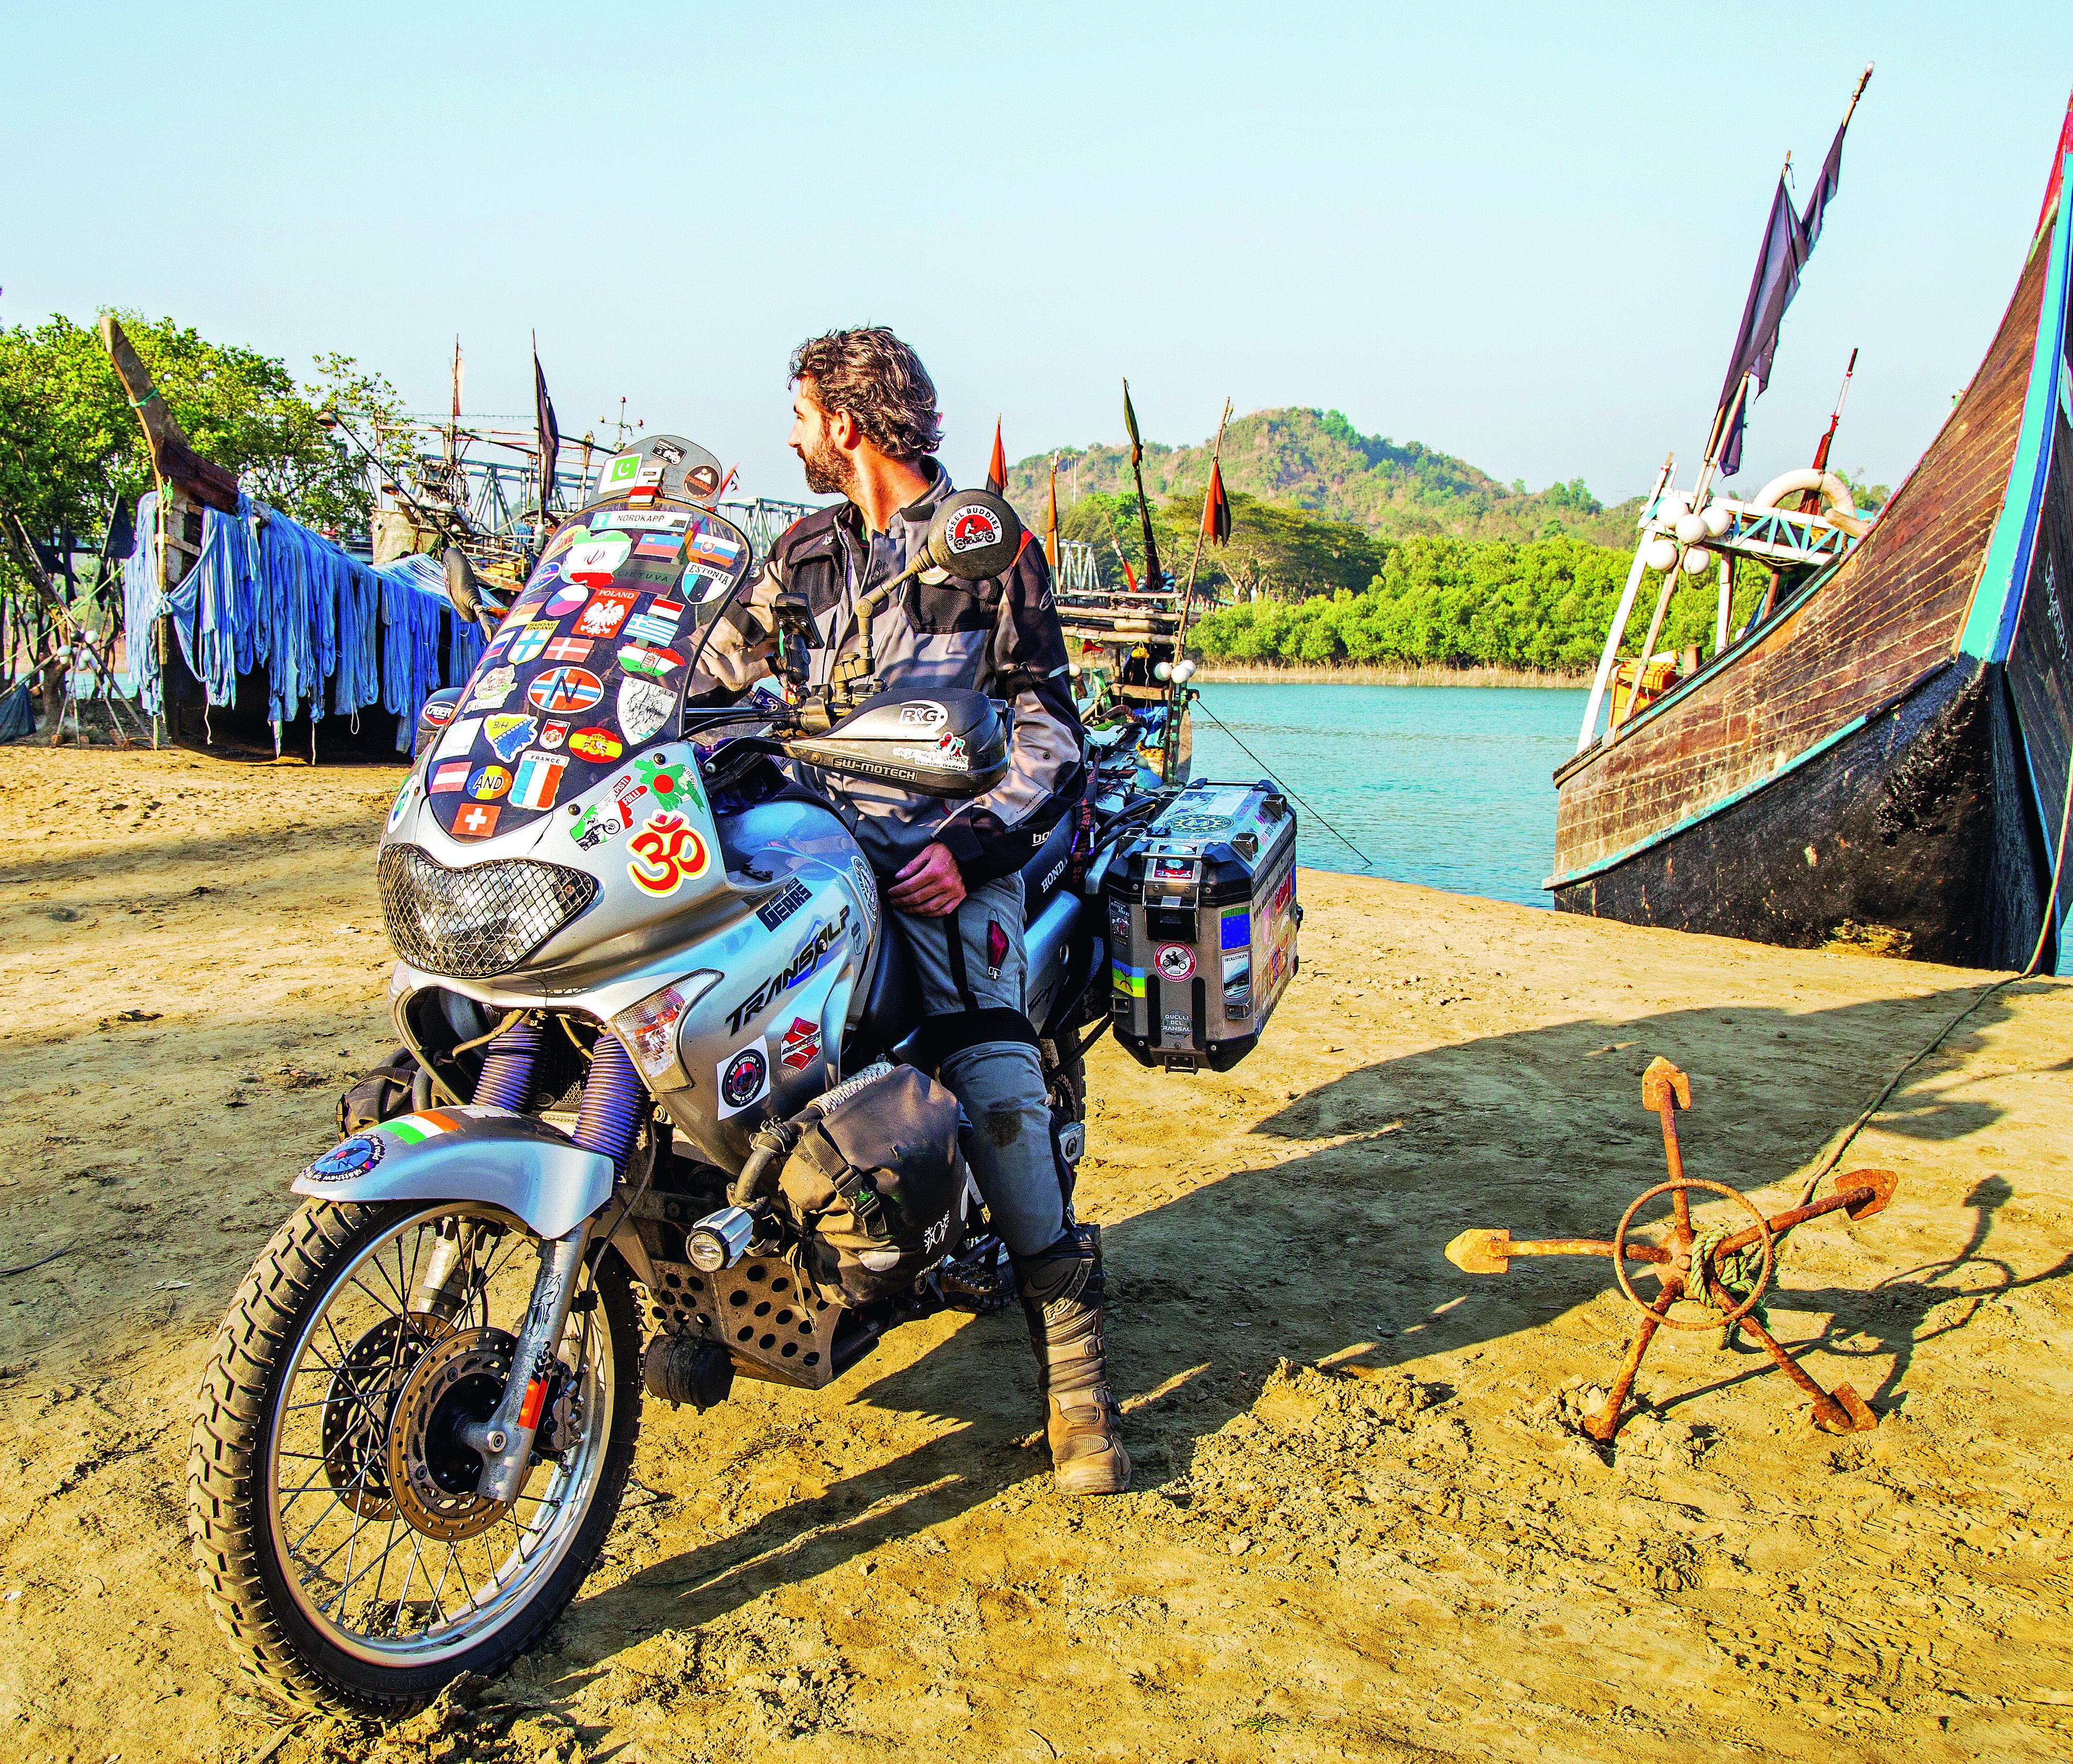 Da Rimini a Bali in moto, il viaggio in solitaria di Matteo Nanni